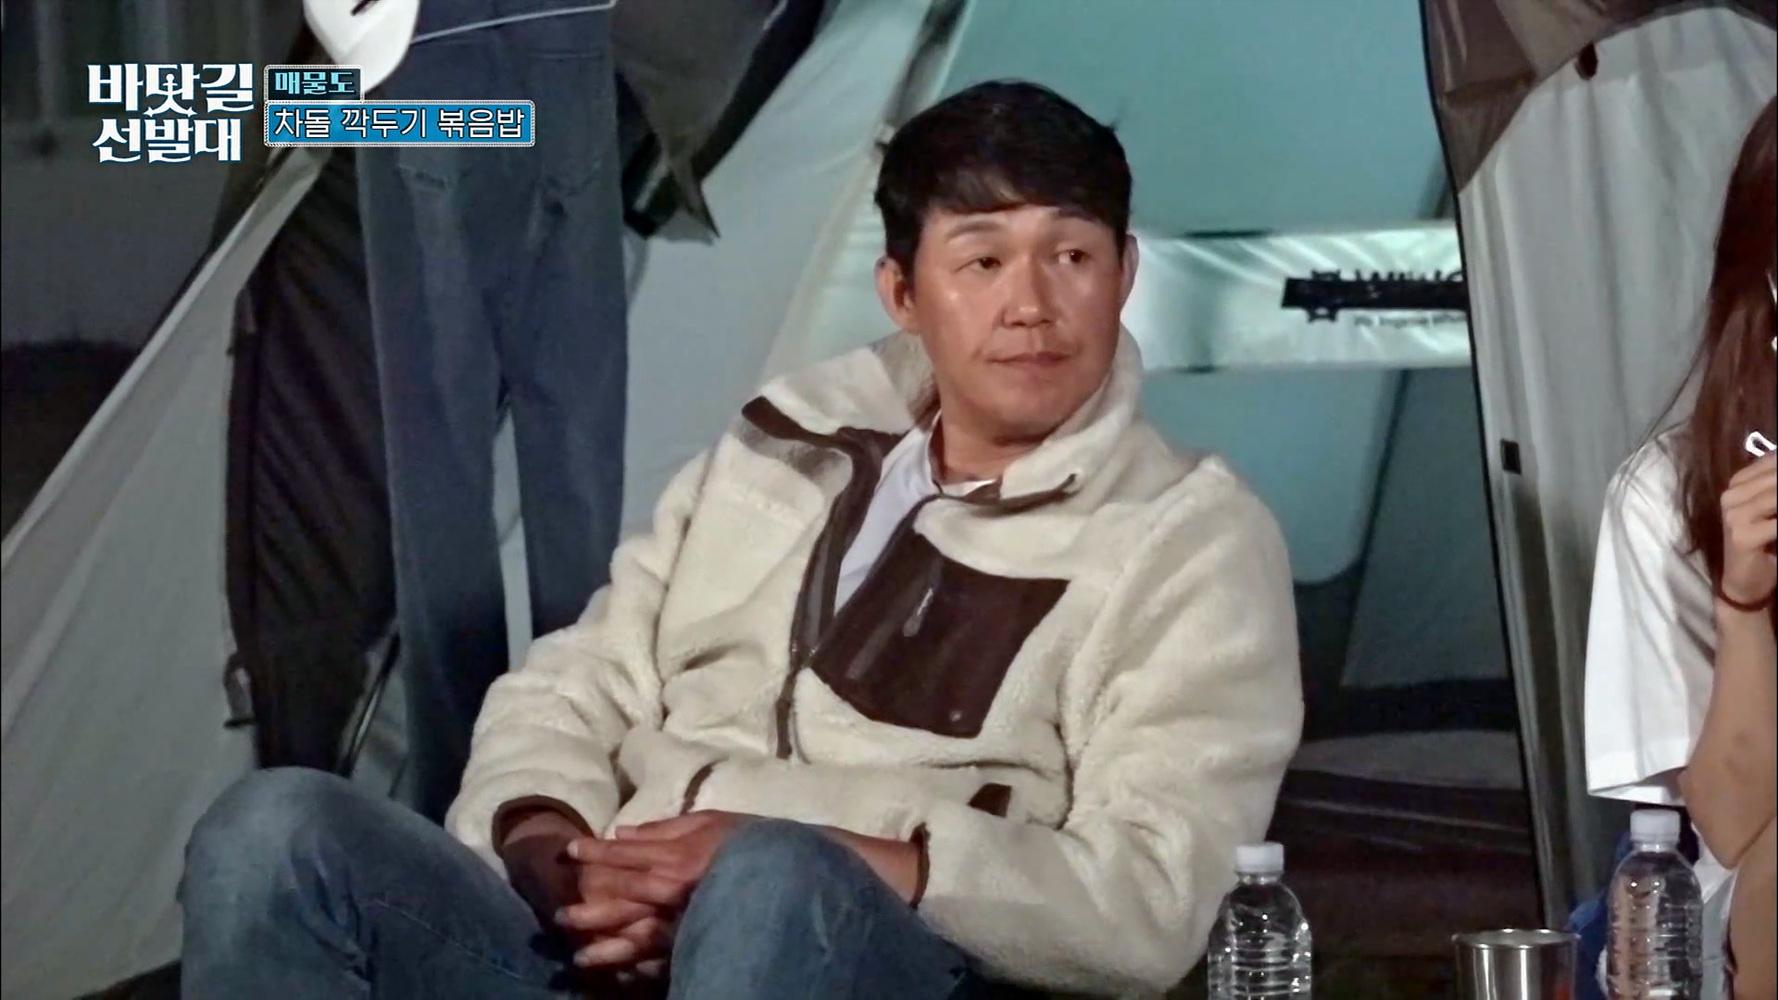 바닷길 선발대 박성웅 플리스 패션